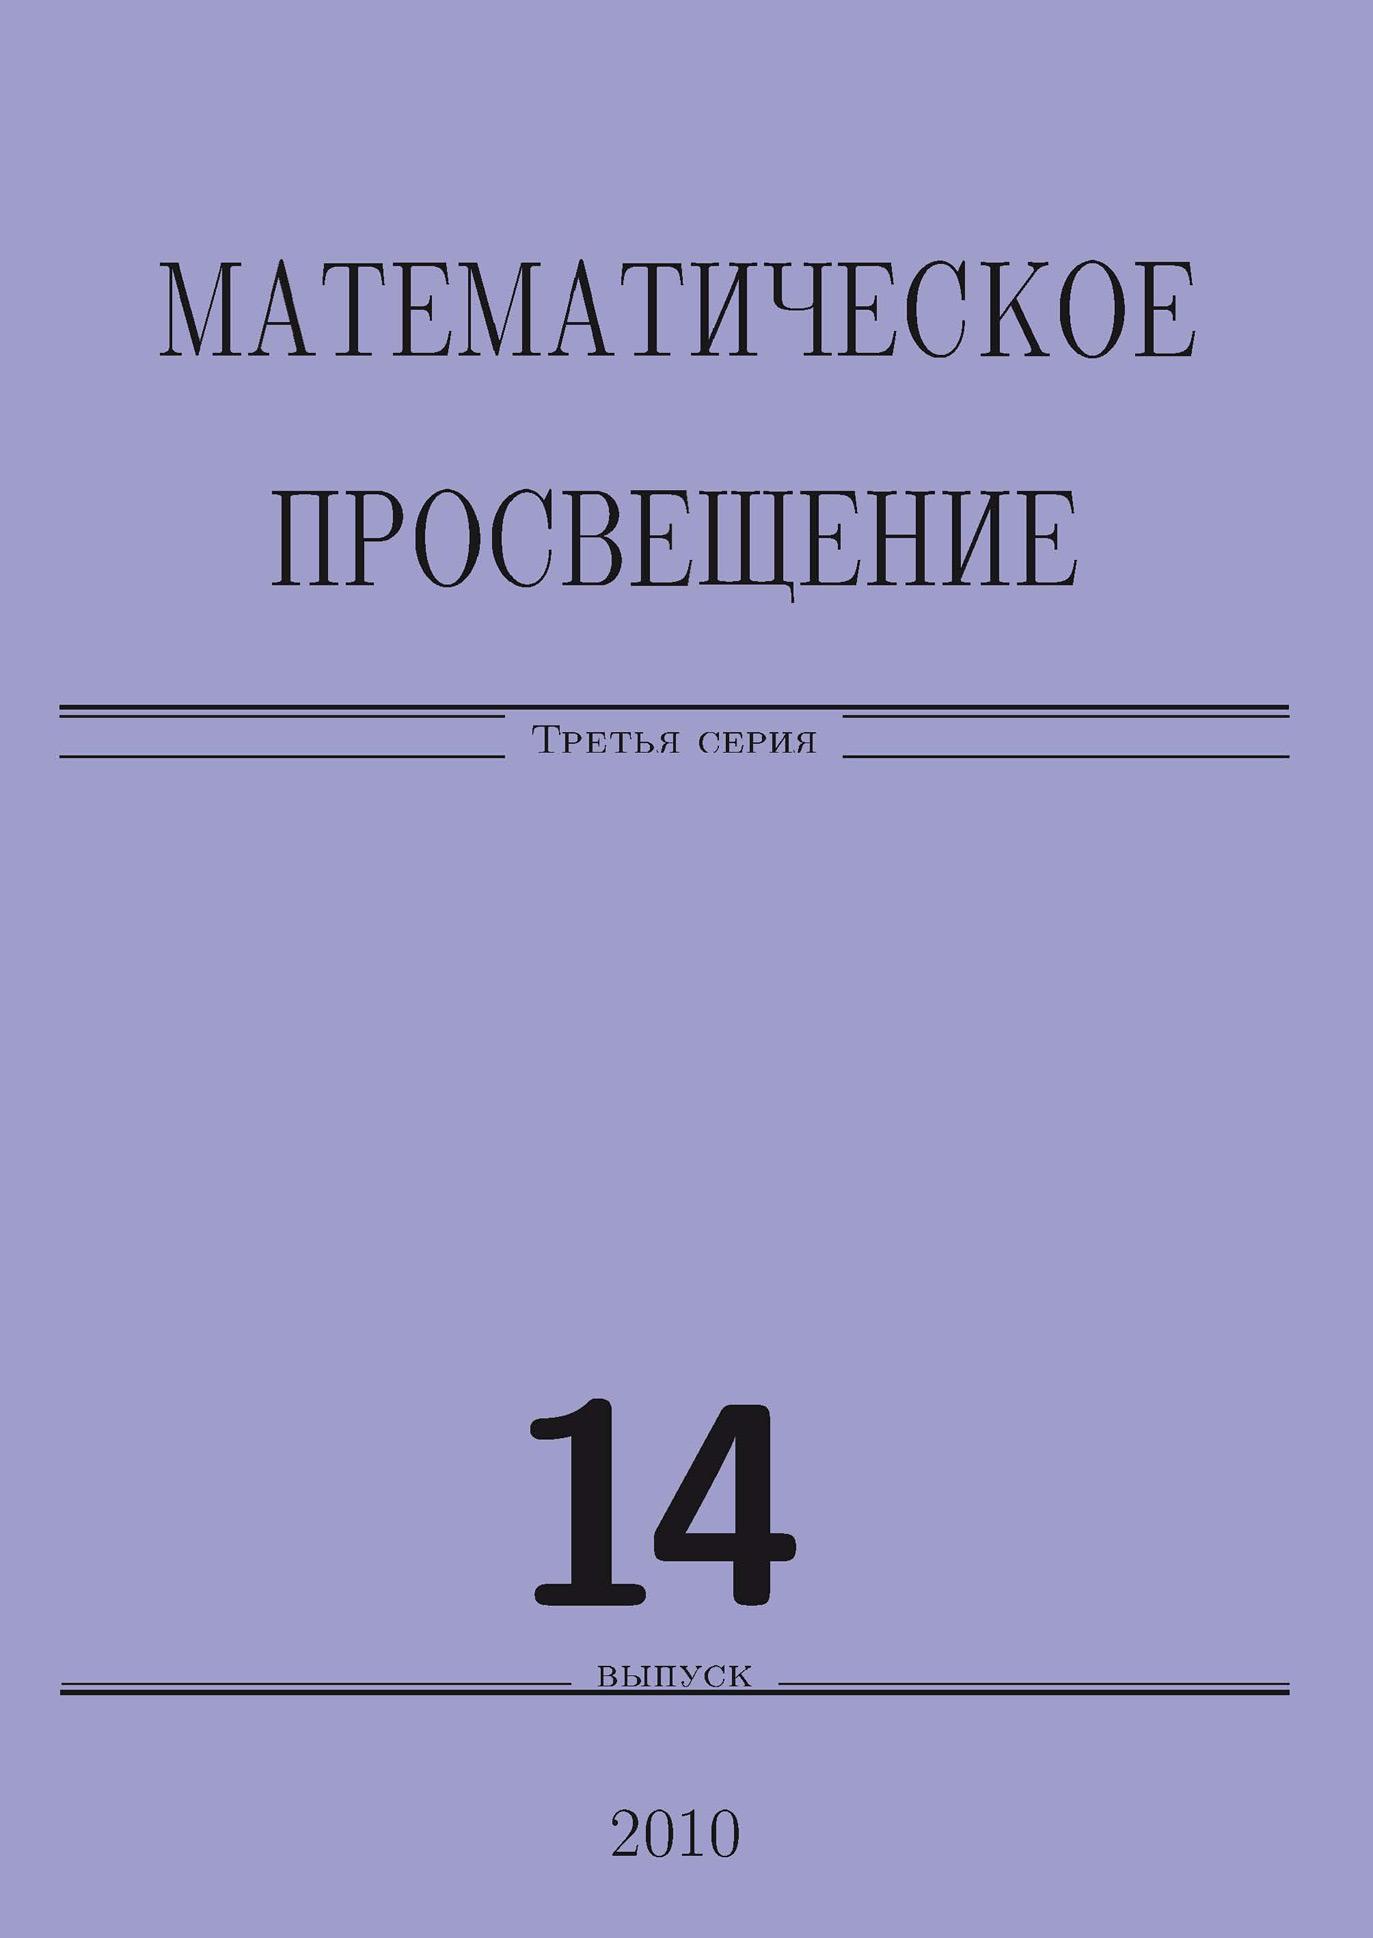 Сборник статей Математическое просвещение. Третья серия. Выпуск 14 сборник статей математическое просвещение третья серия выпуск 21